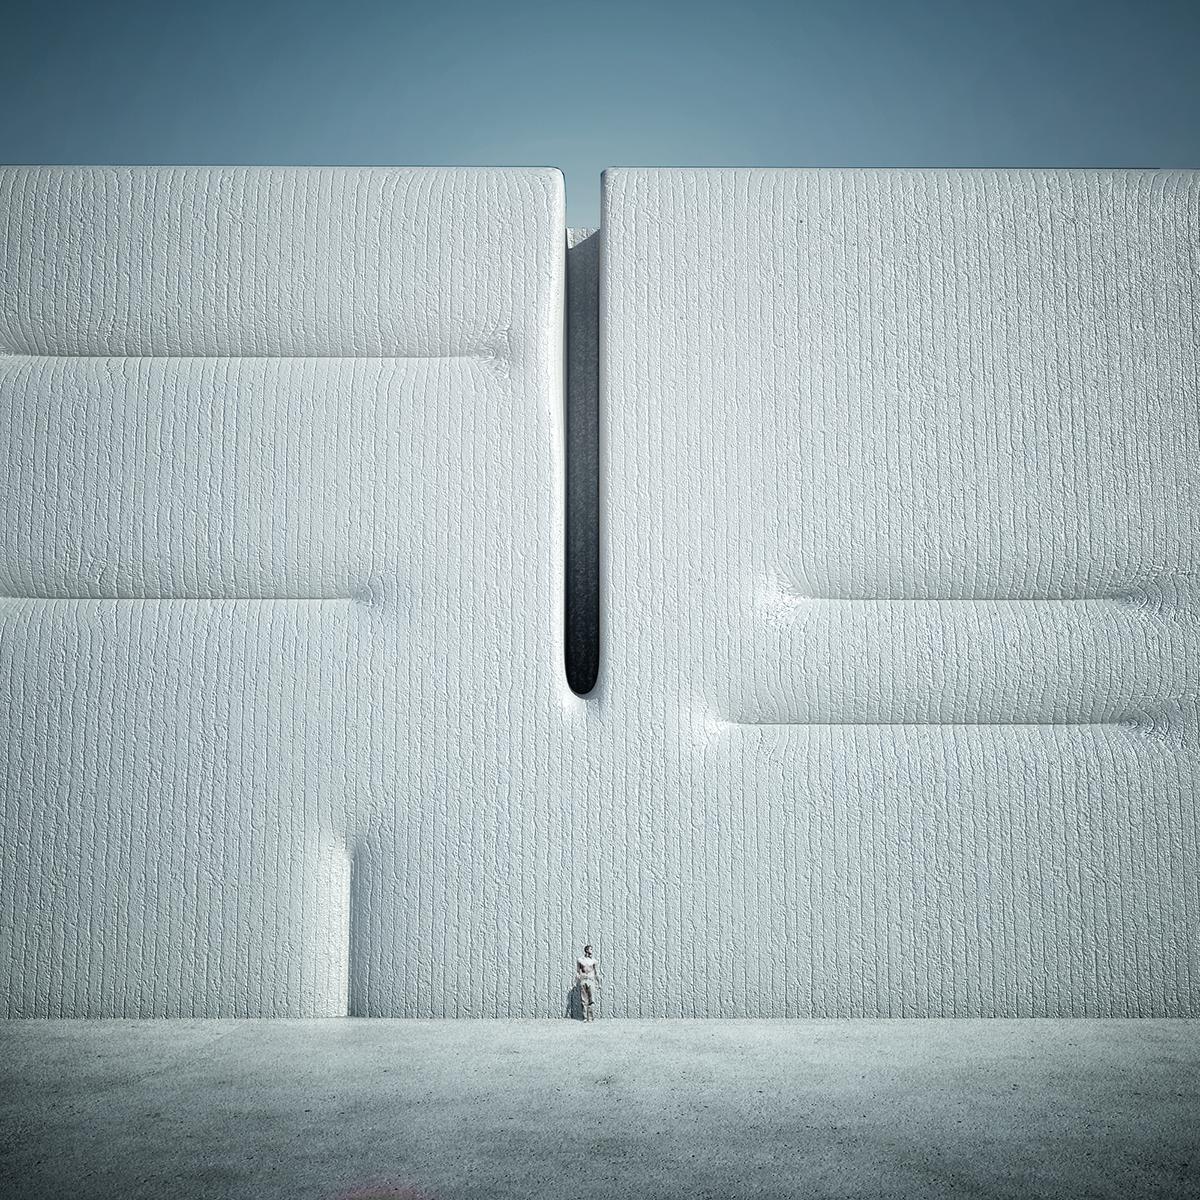 Что такое метафизика?: фотопроект Мишеля Дюрацци